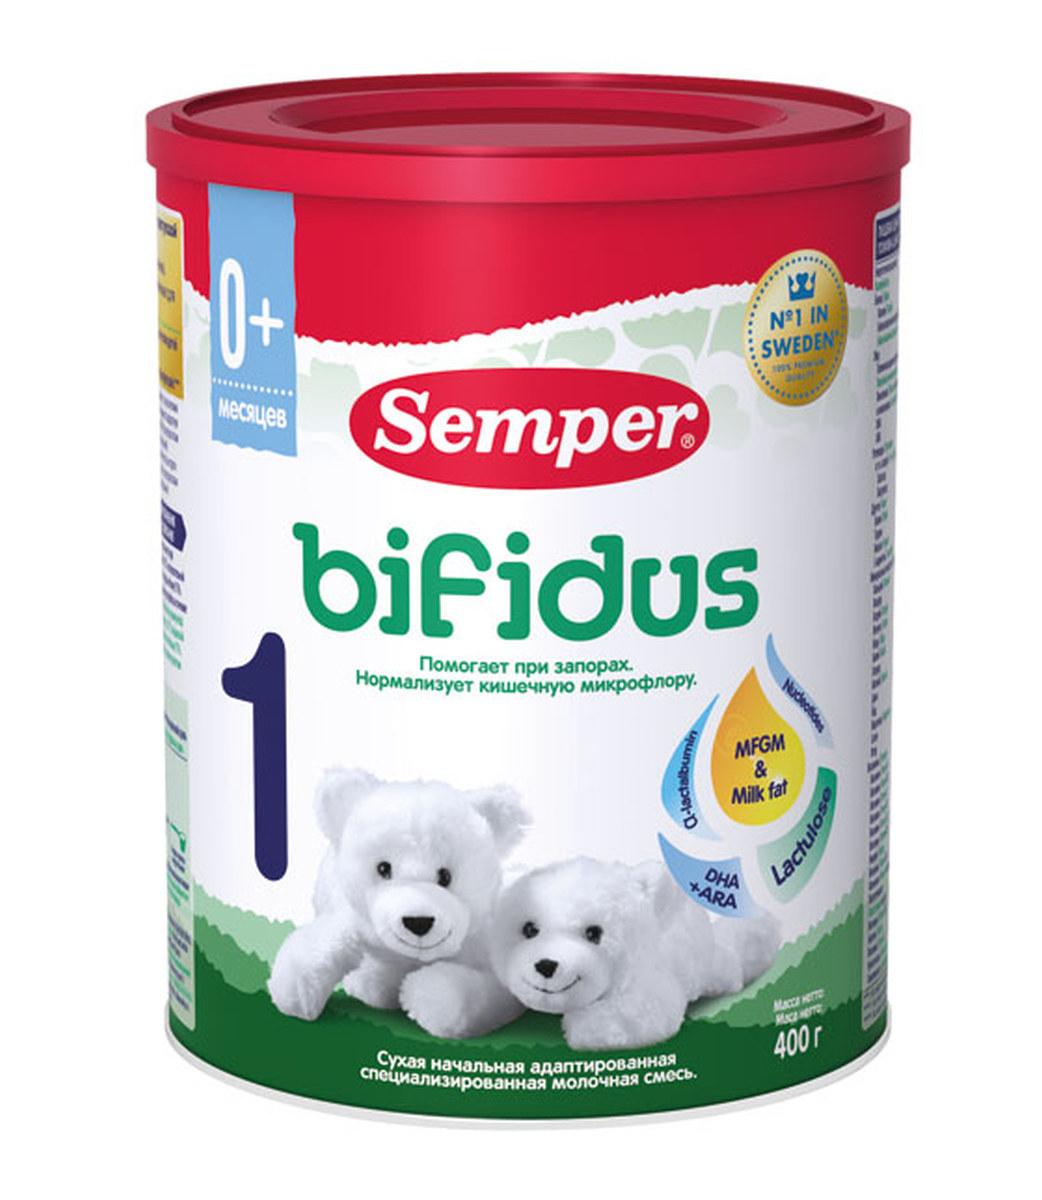 Semper Bifidus 1 смесь молочная с 0 месяцев, 400 г молочные смеси semper молочная смесь bifidus nutradefense 1 0 6 мес 400 г